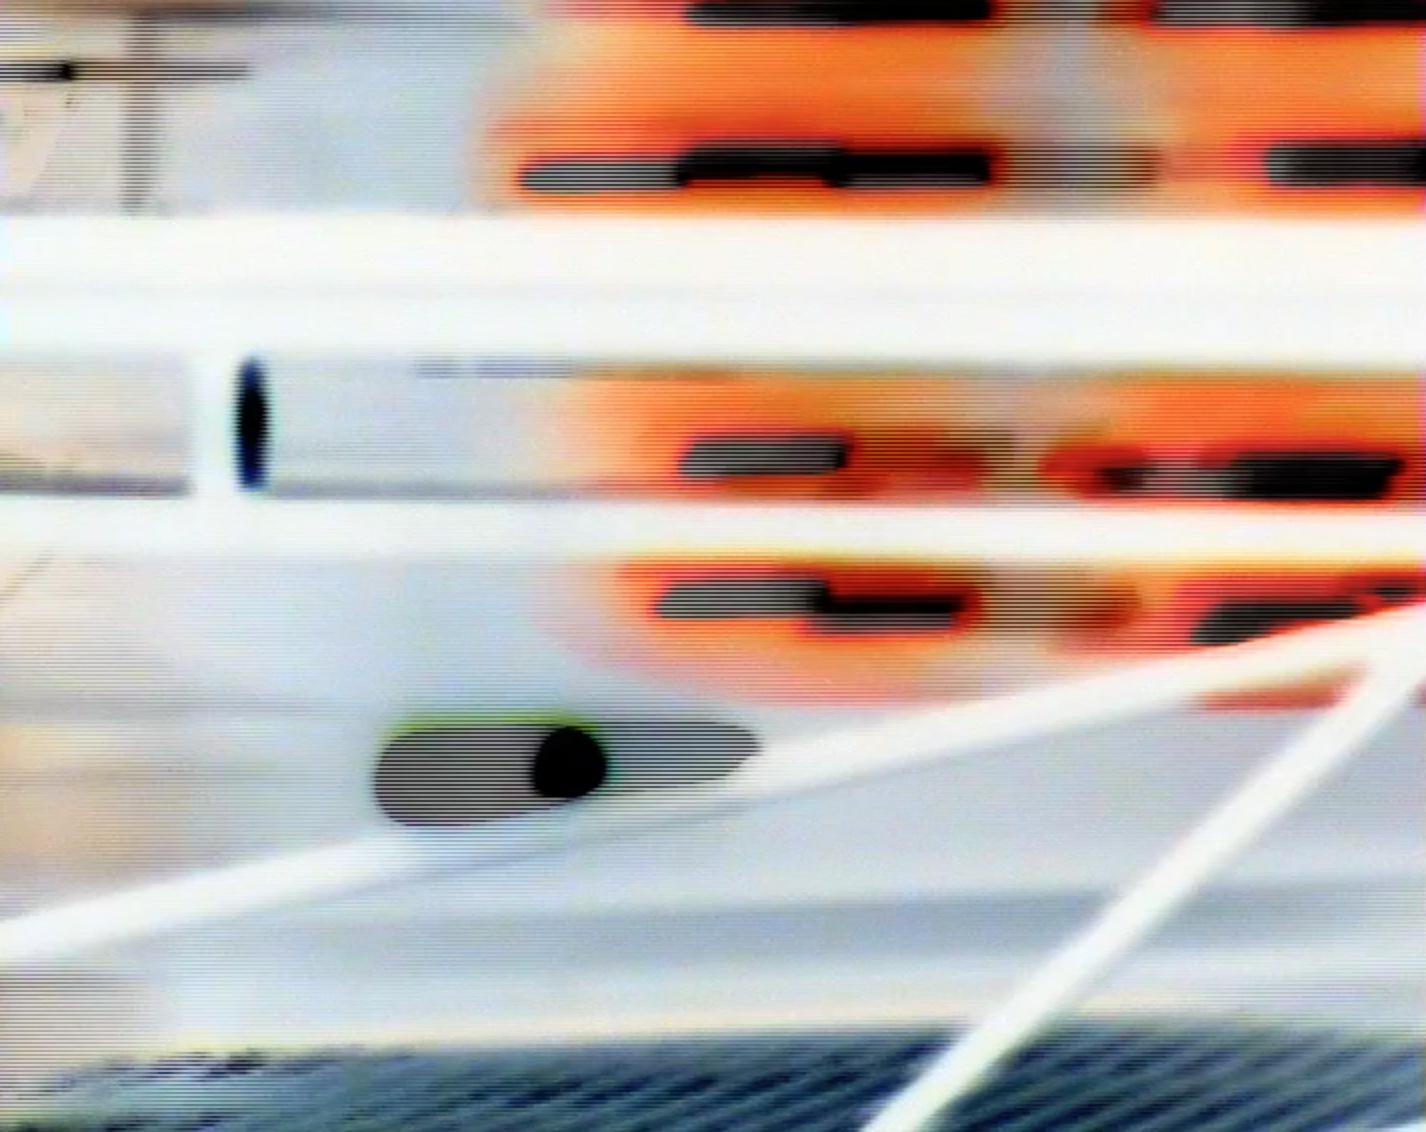 eleanor-bell-light-artist-balancing-contrast-chaos.jpg